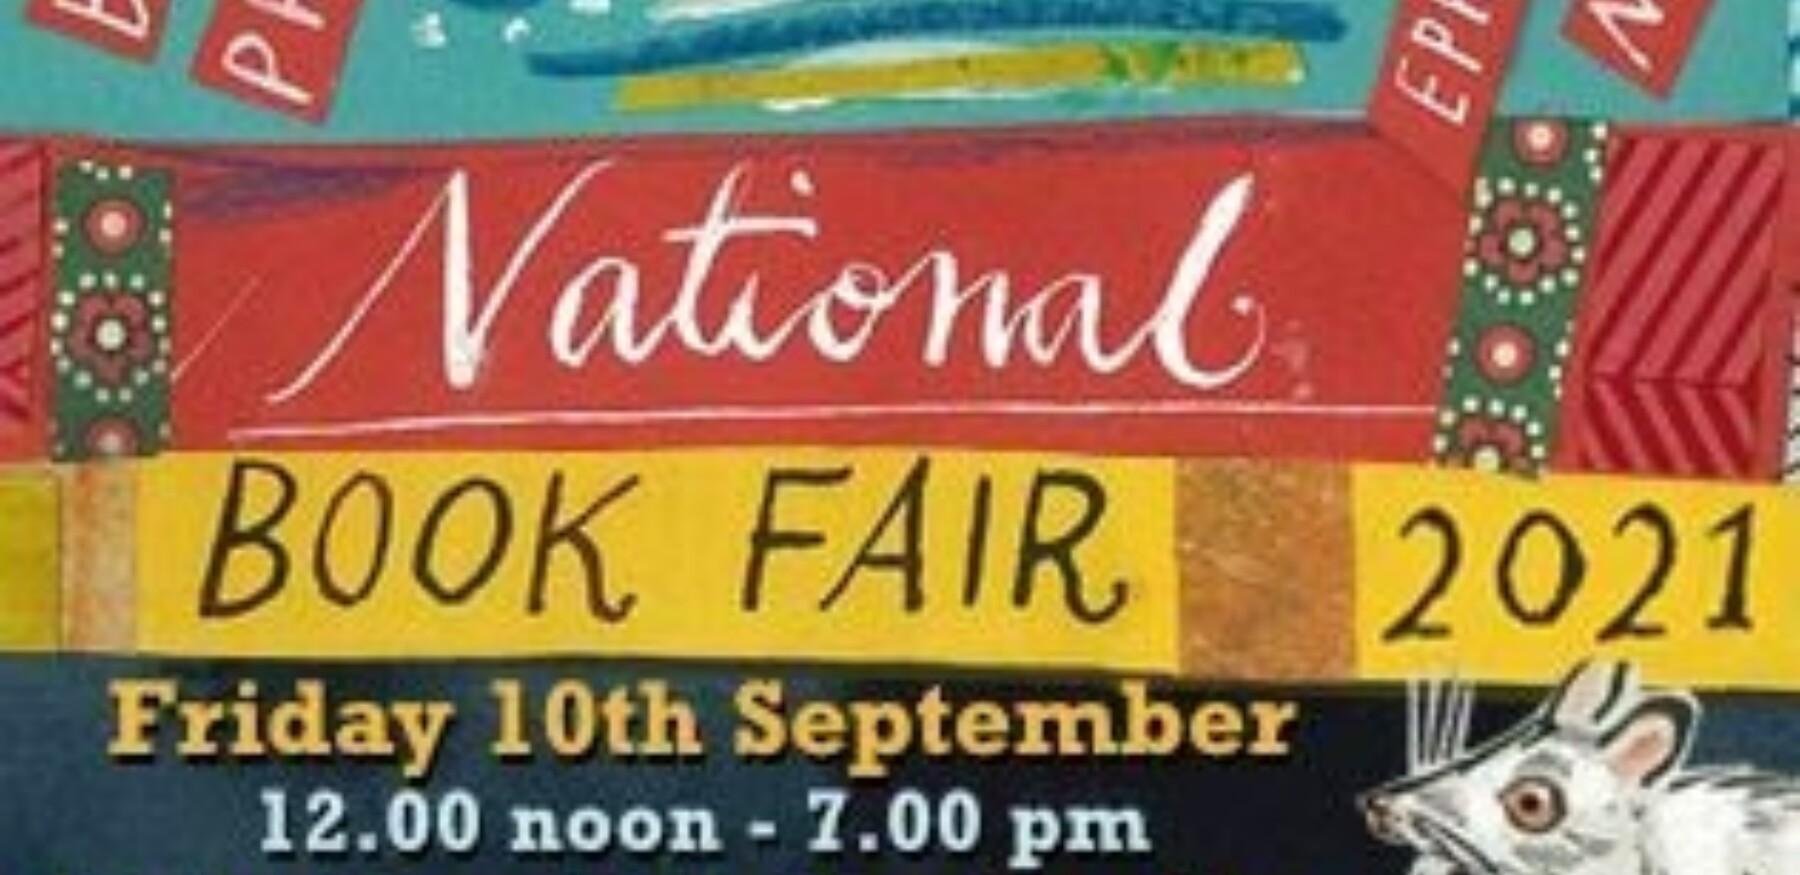 York book fair 21 316x267 pixels landscape